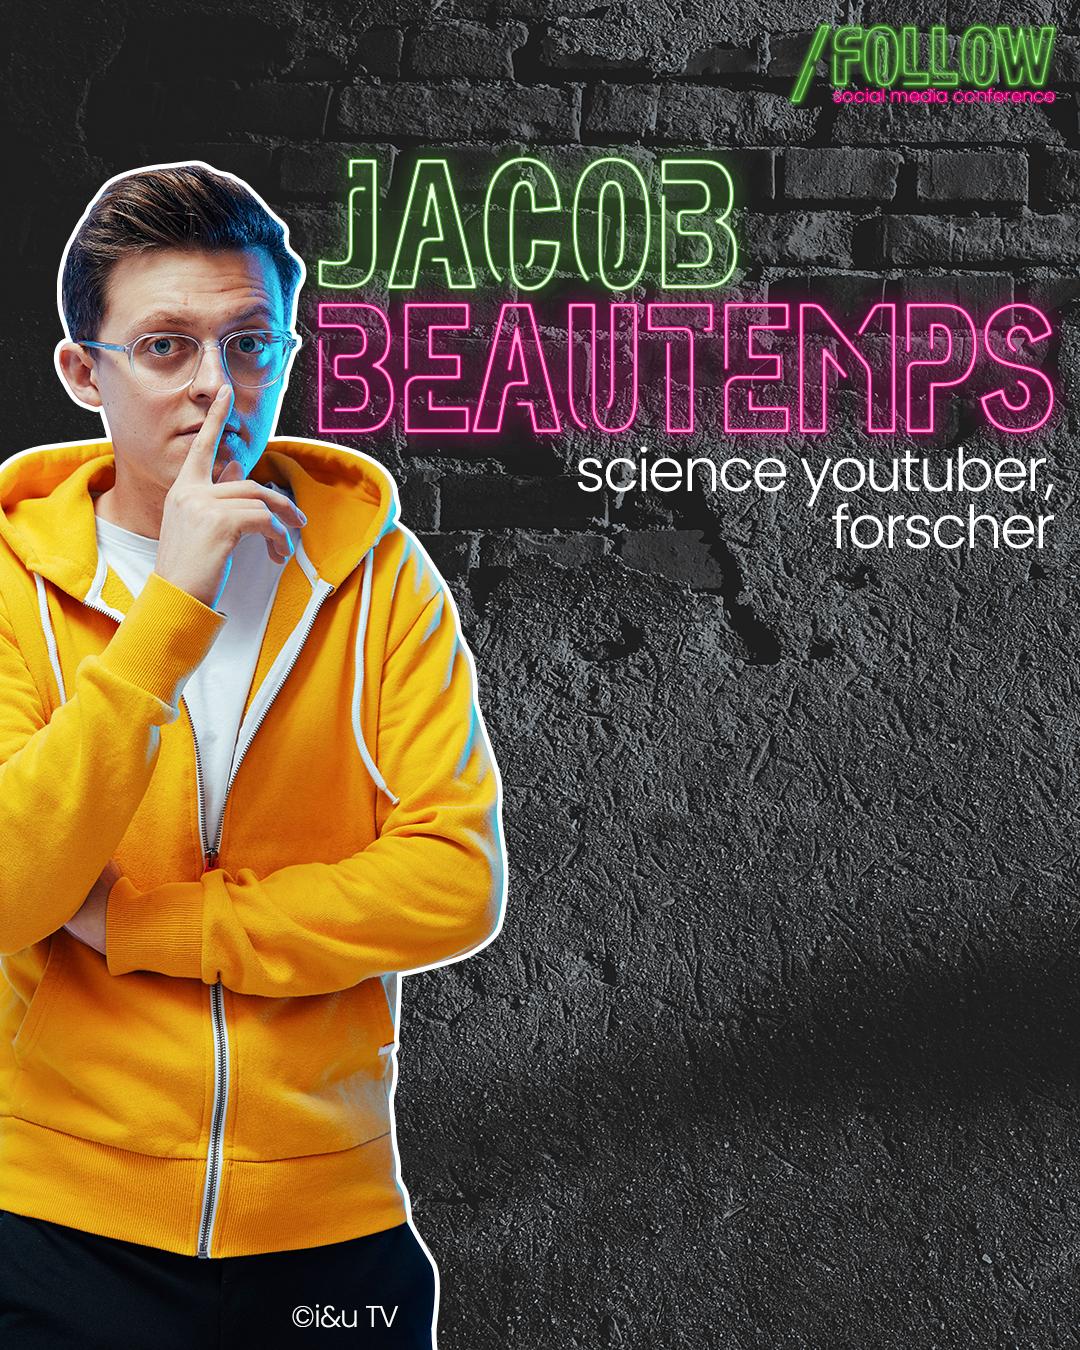 JacobBeautemps_Posting